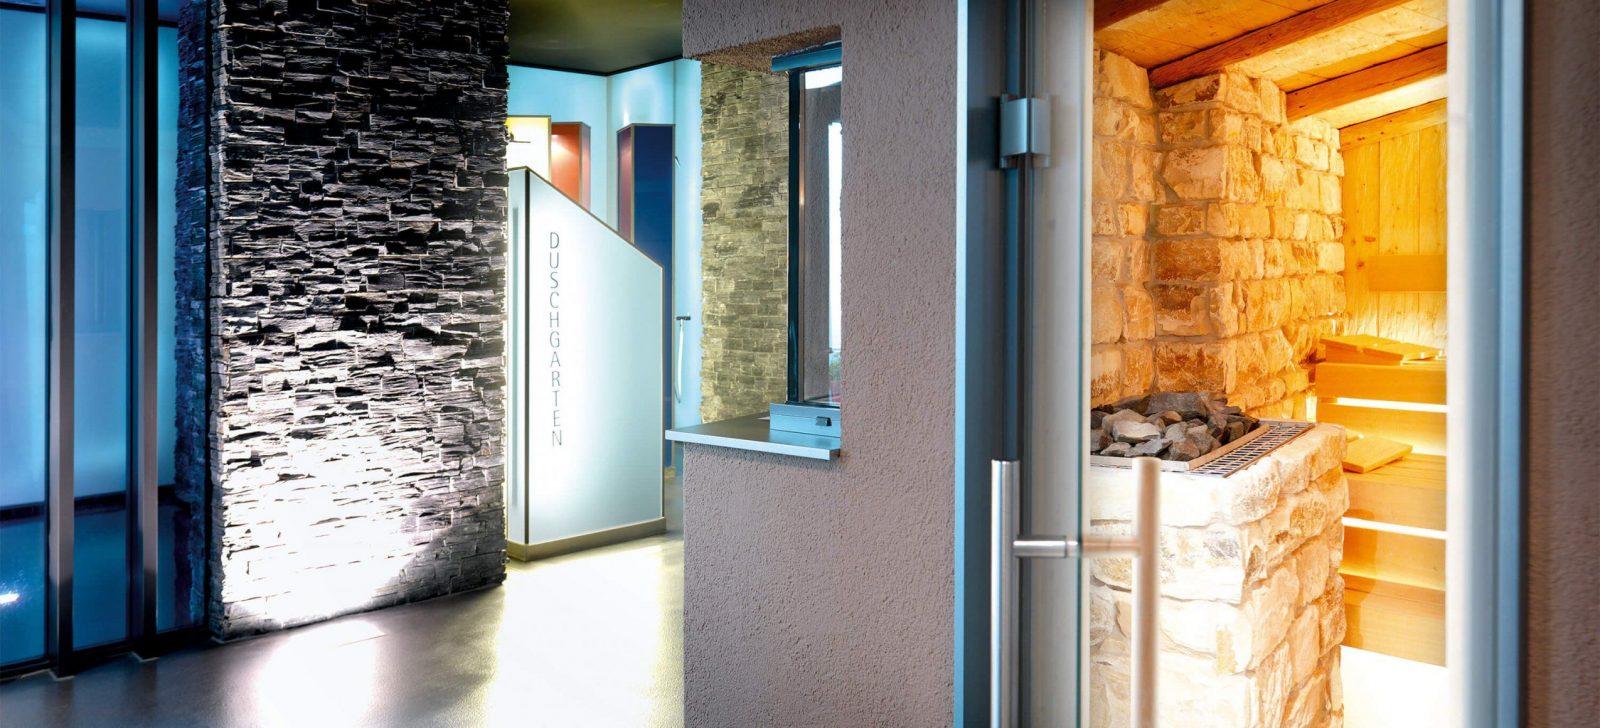 Hotel Traube Am See In Friedrichshafen Am Bodensee von Hotel Traube Am See Friedrichshafen Bild